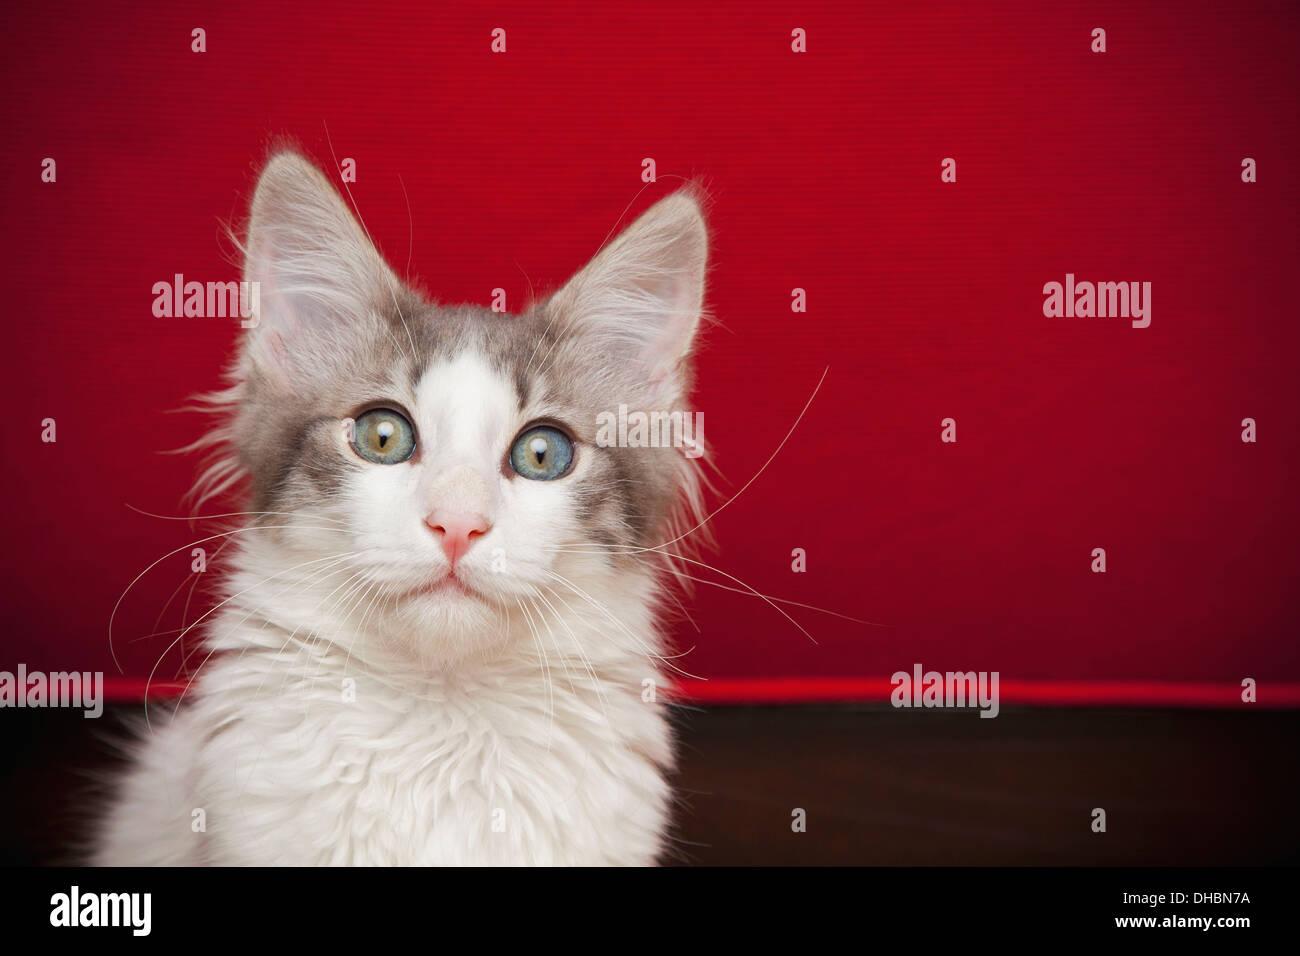 Ein Kätzchen mit Augen weit offen in die Kamera schaut. Stockbild